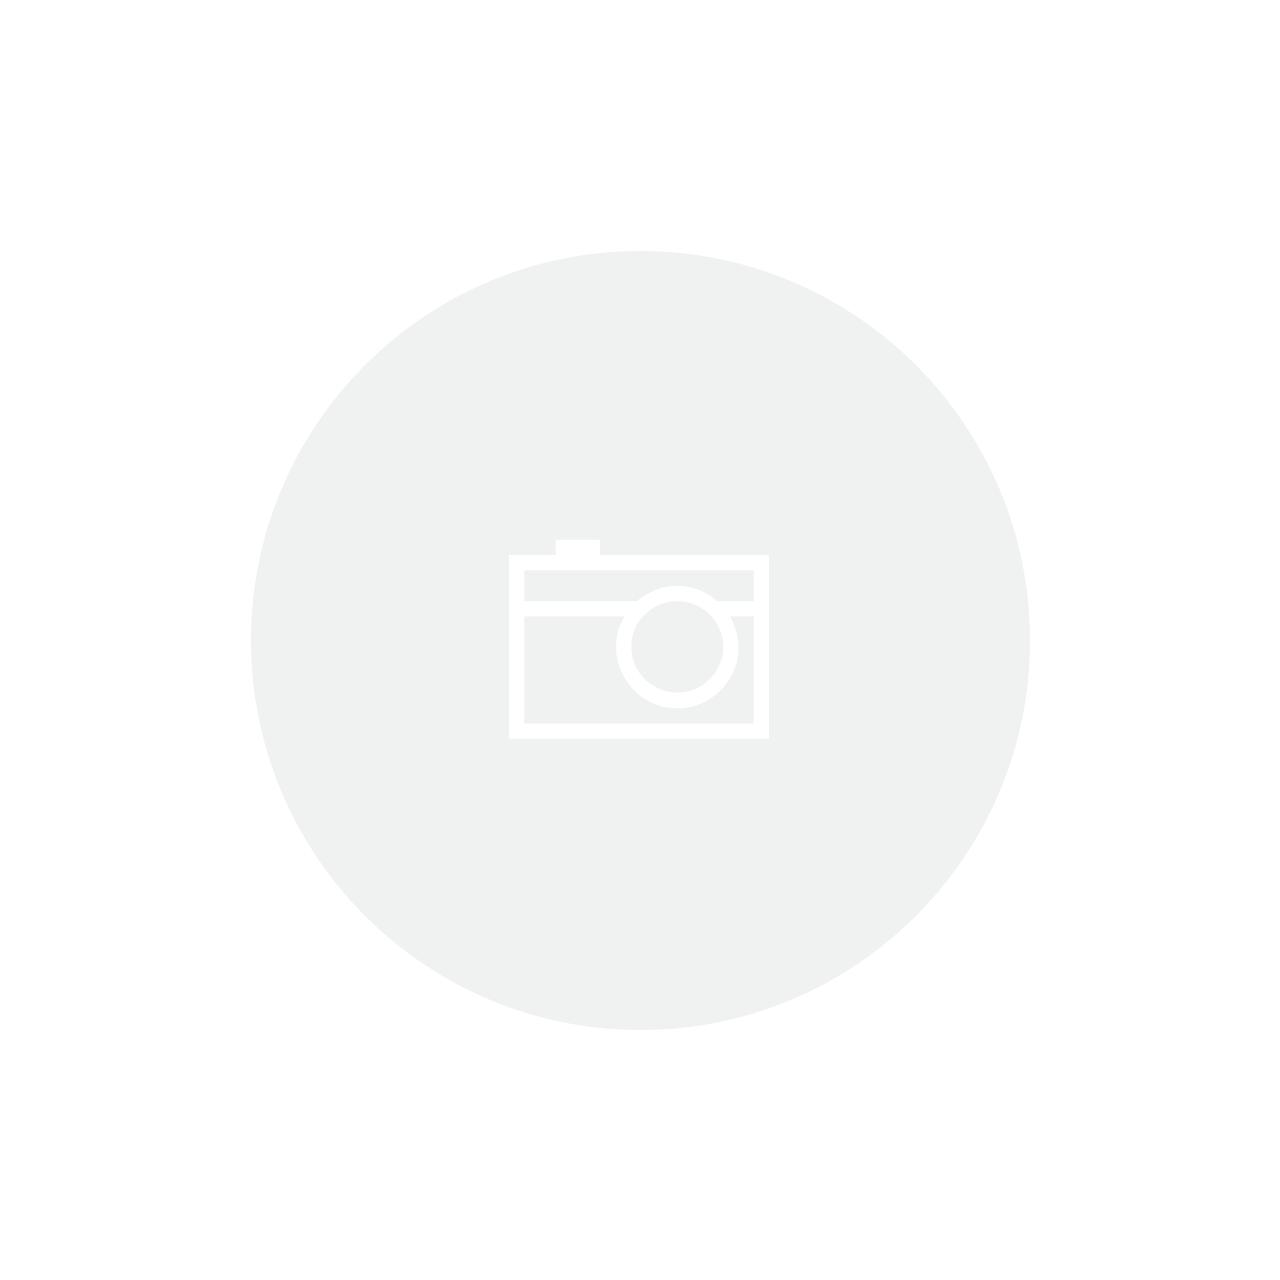 88 Descorchados